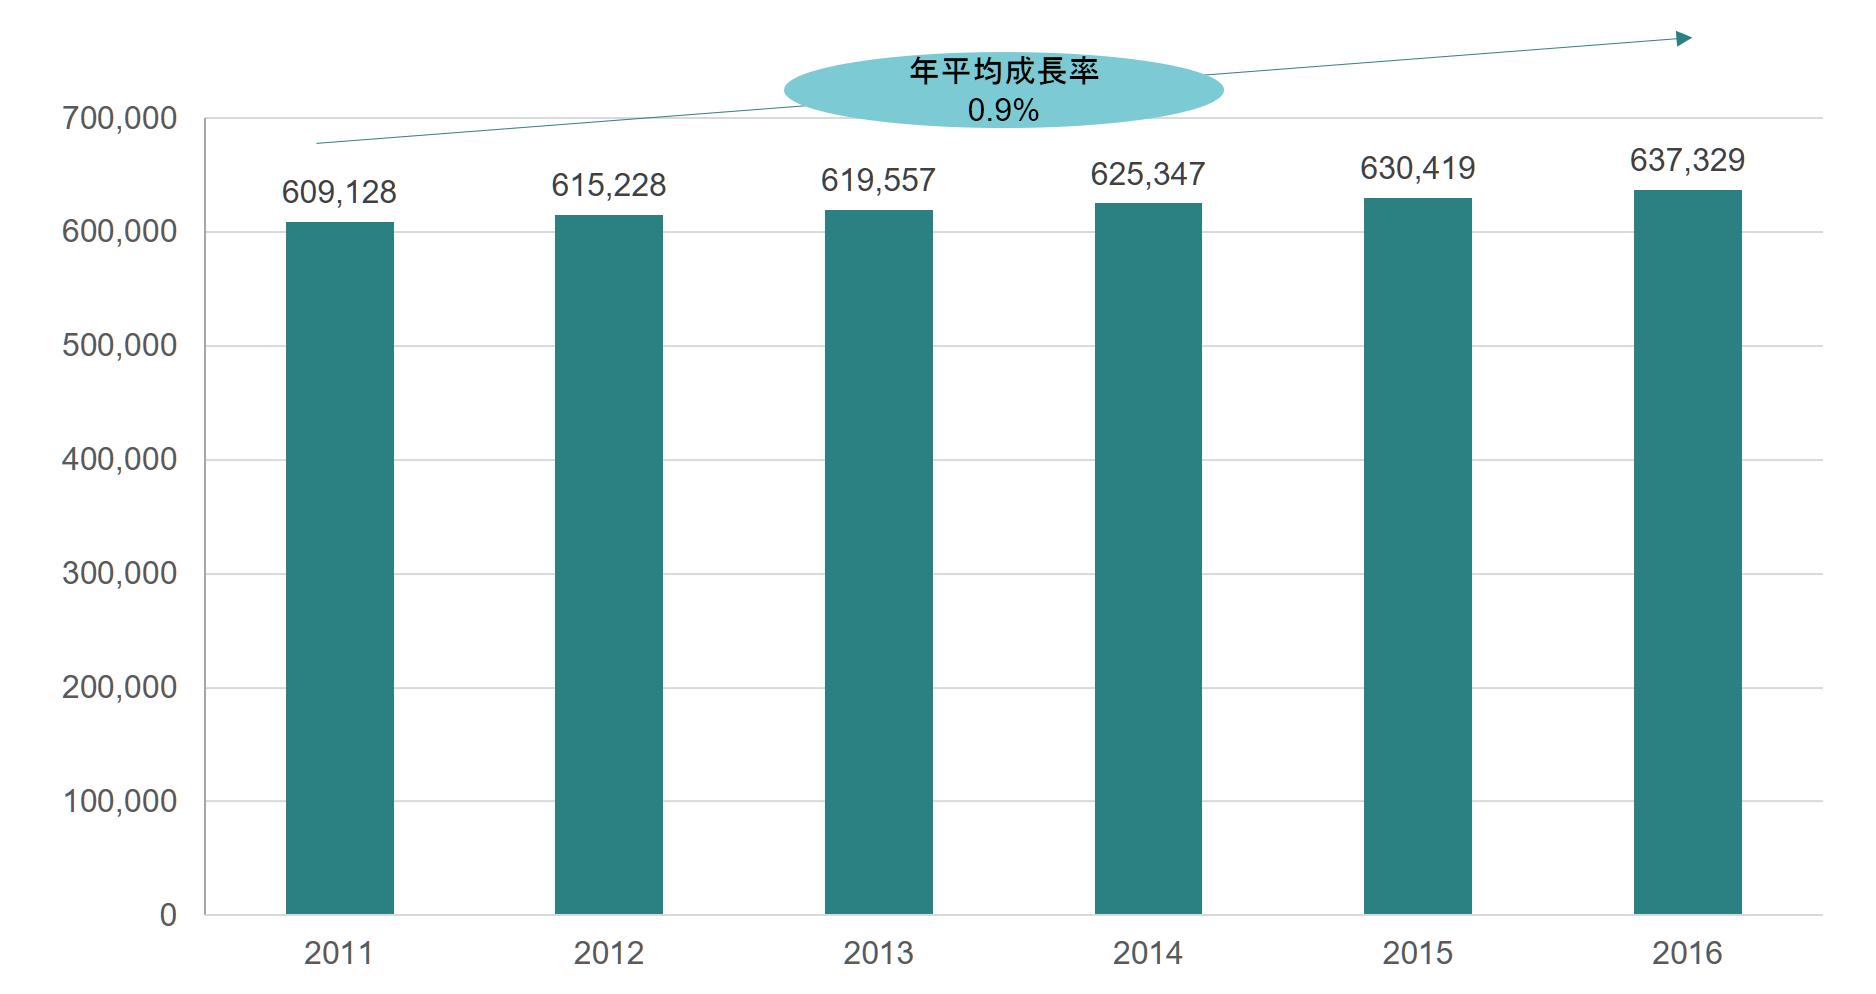 東京都 就学前児童人口